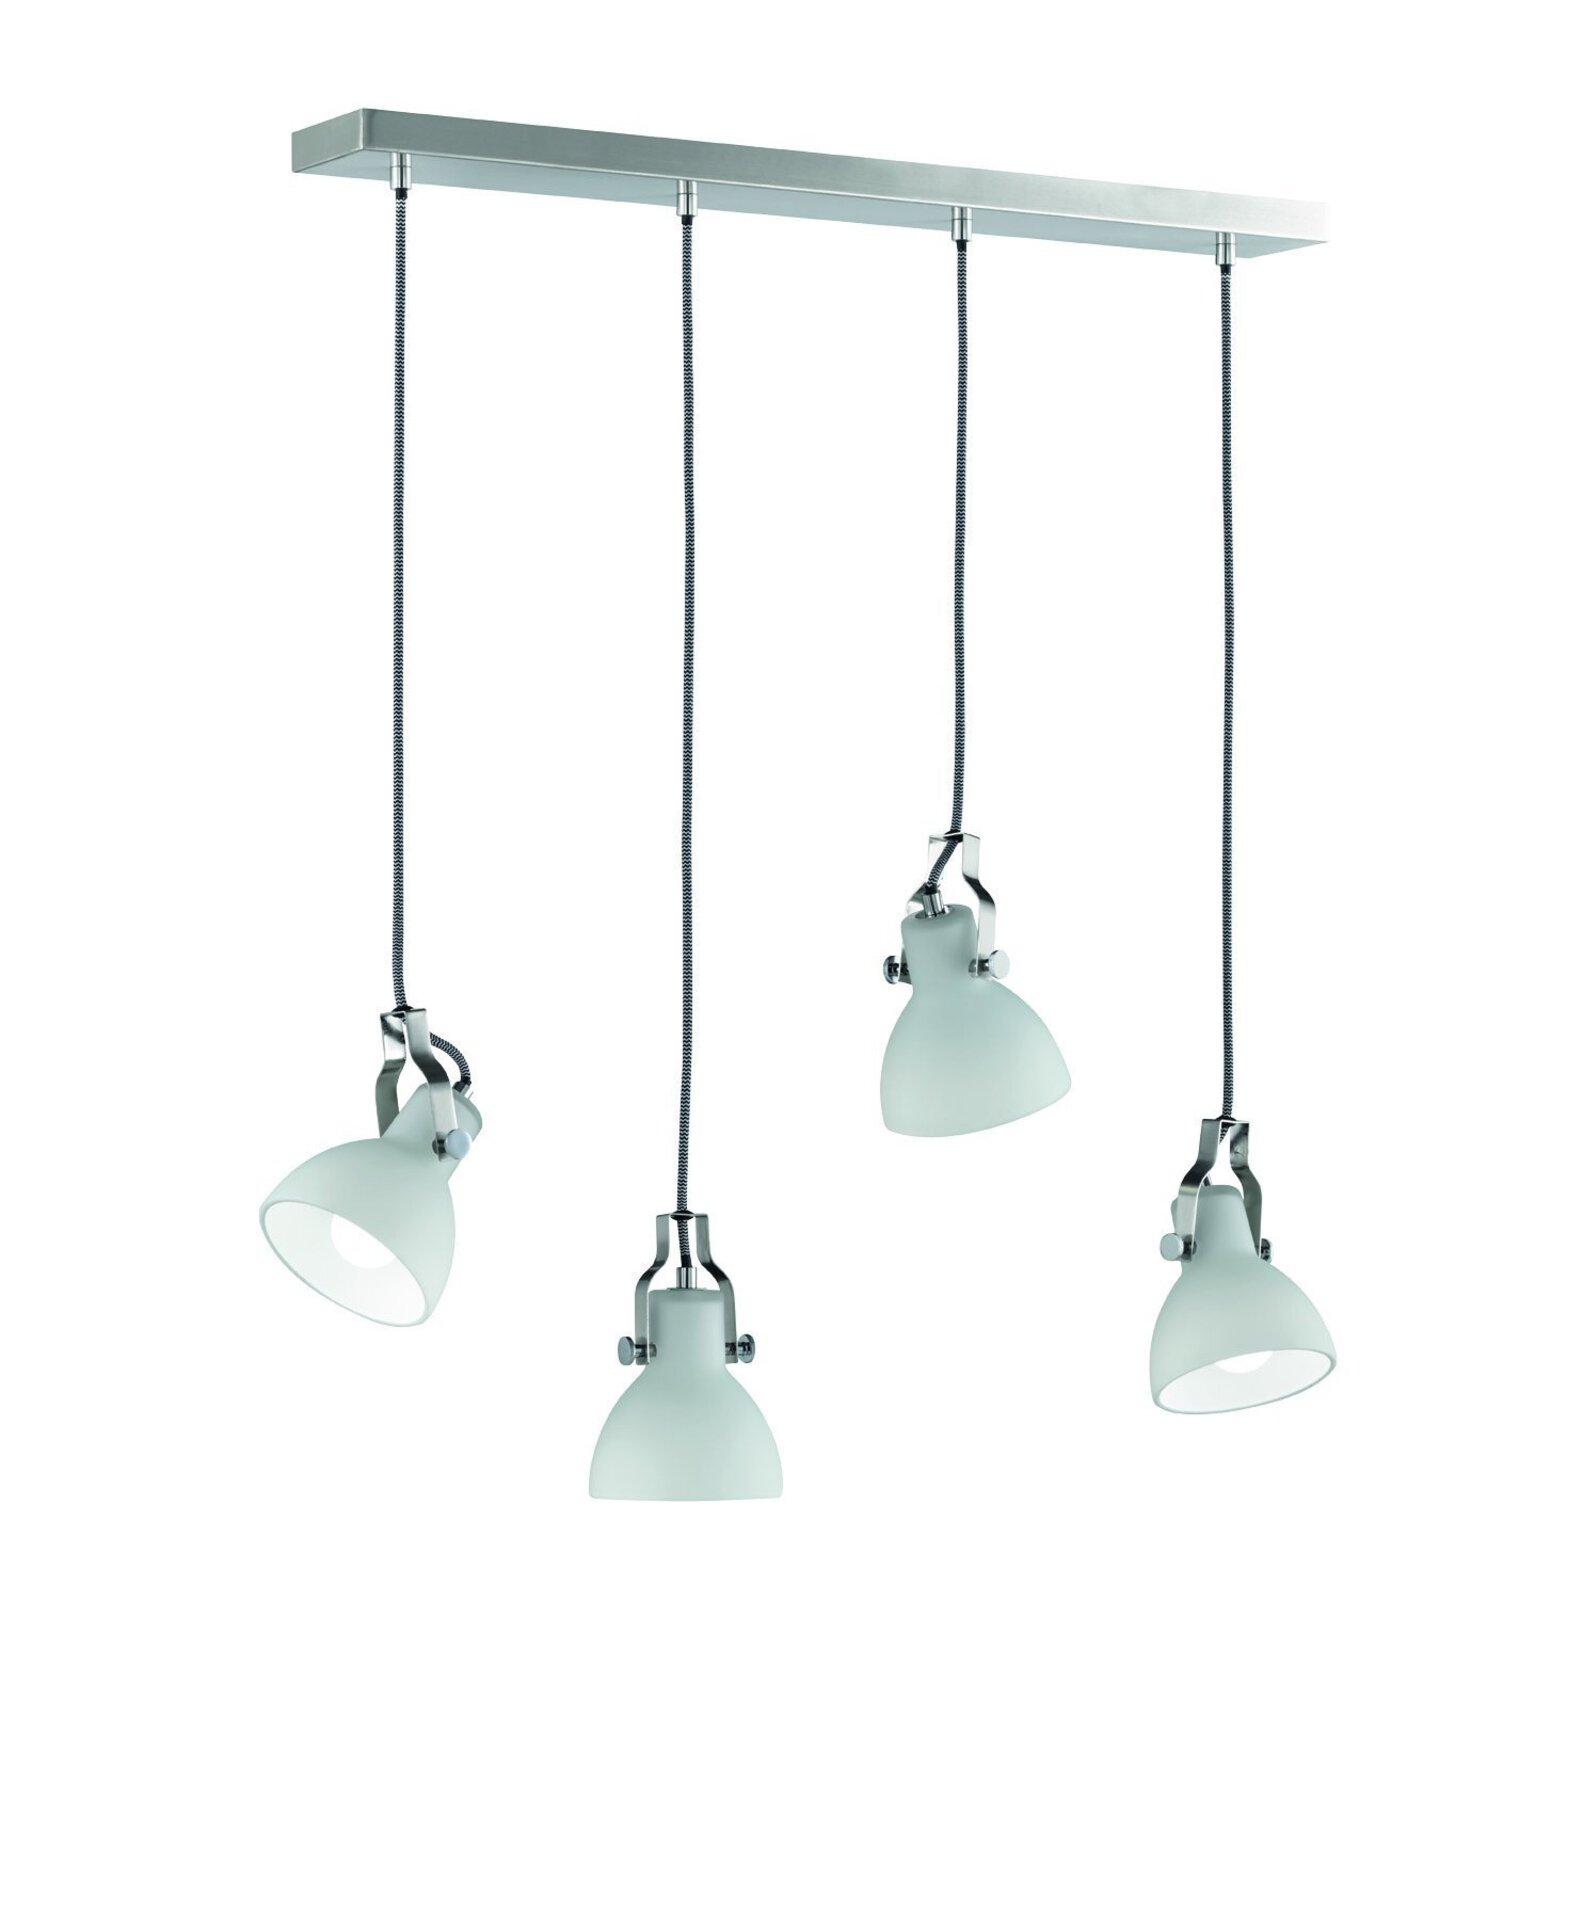 Hängeleuchte Ginelli Trio Leuchten Metall 12 x 150 x 70 cm